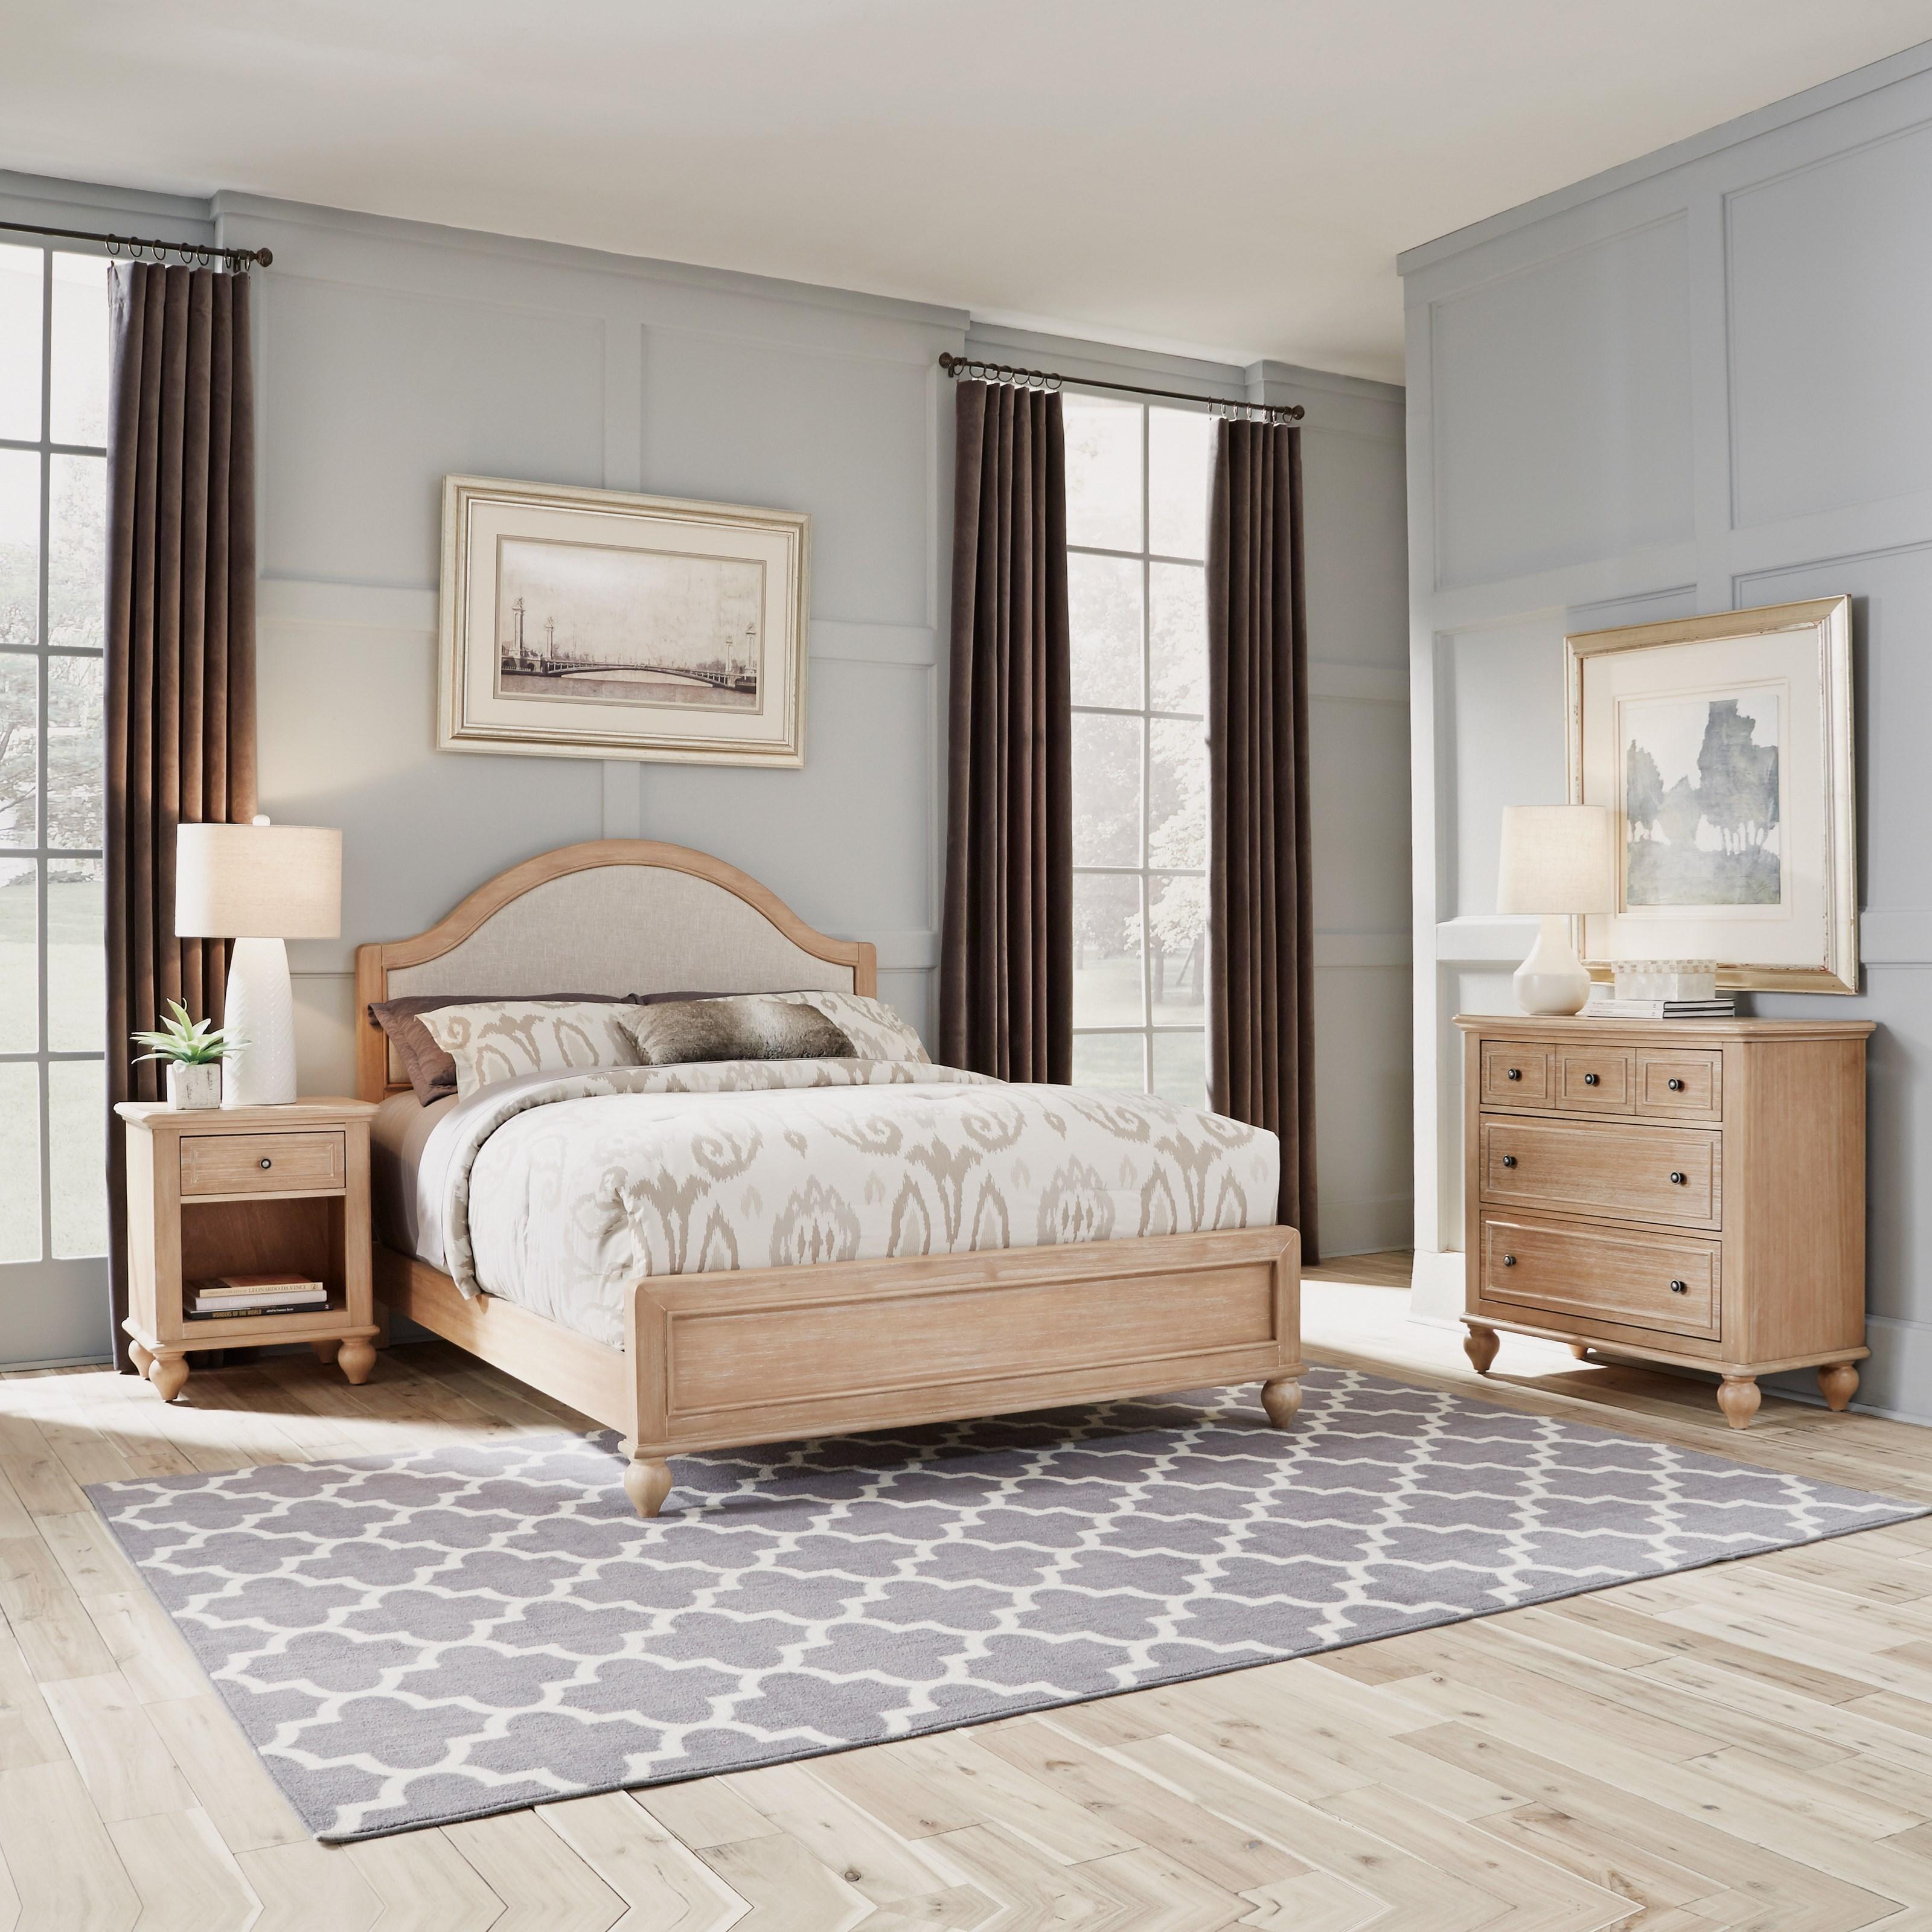 Queen Bed, Nightstand & Chest